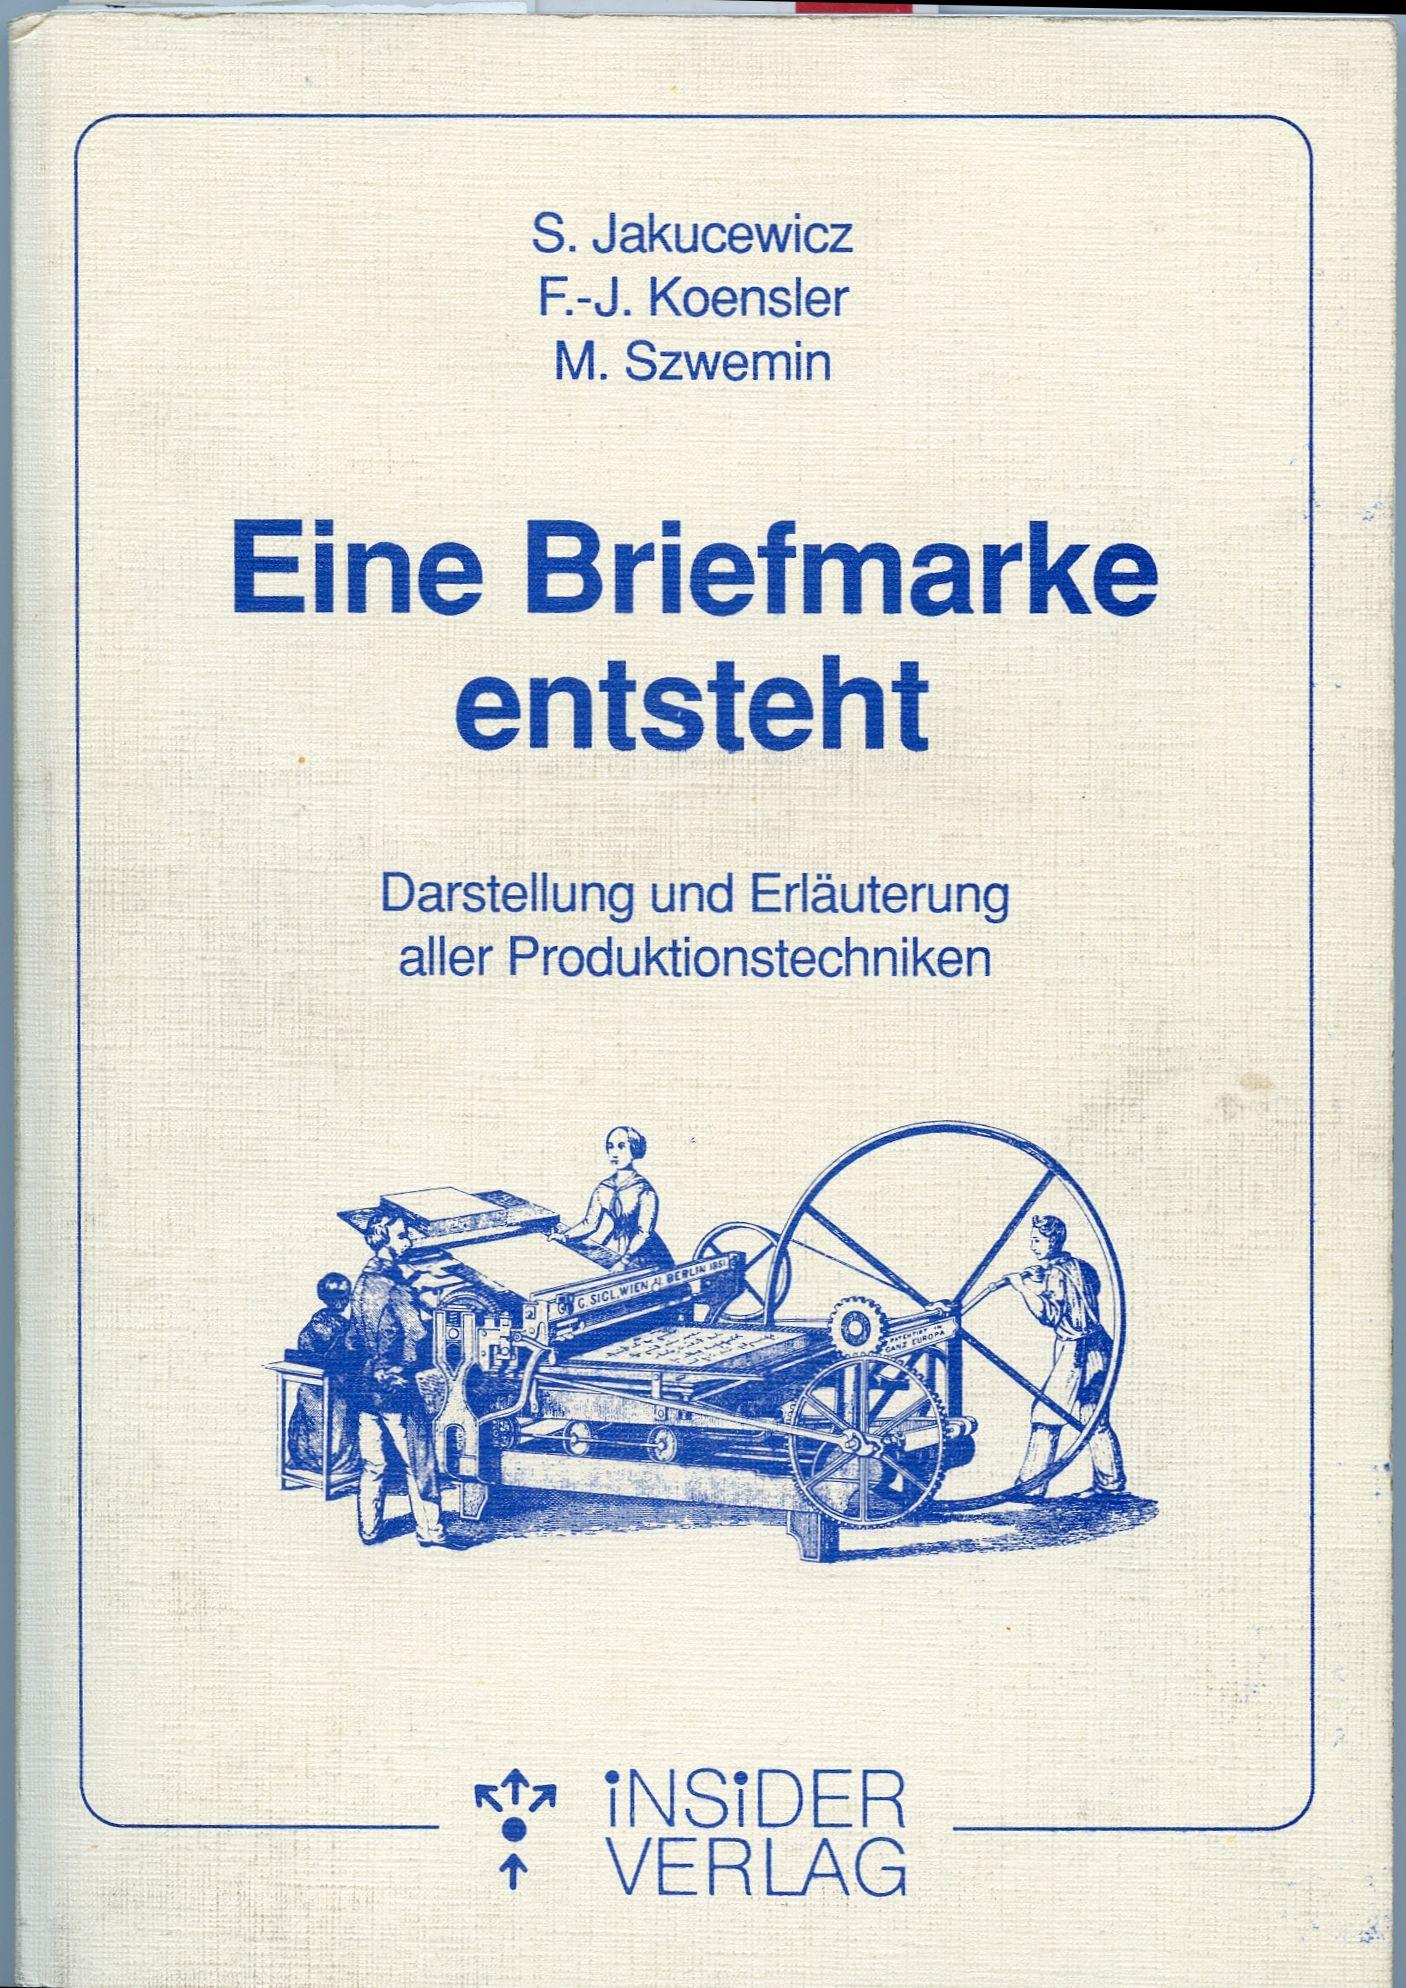 Prägedruck 1860-1900 in der Schweiz und in den deutschen Staaten Preegdruk_jaku_00